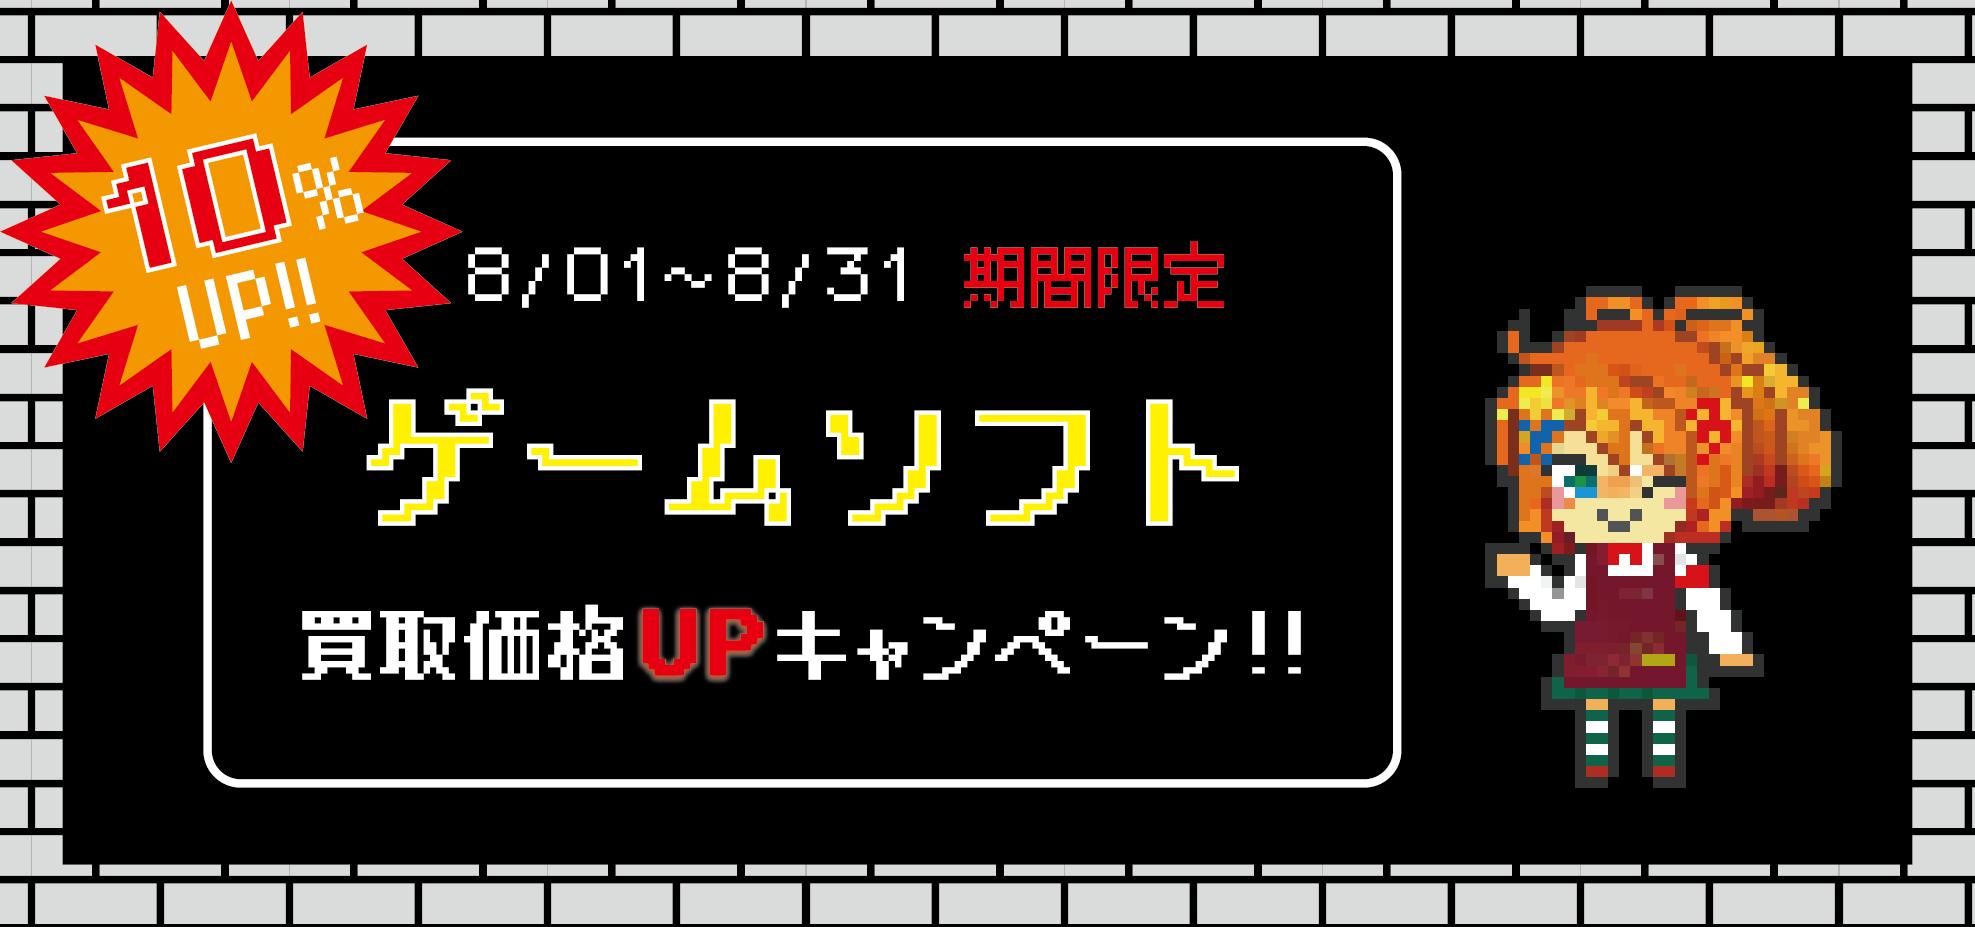 8月1日~8月31日までゲームソフトの買取価格10%UPキャンペーン